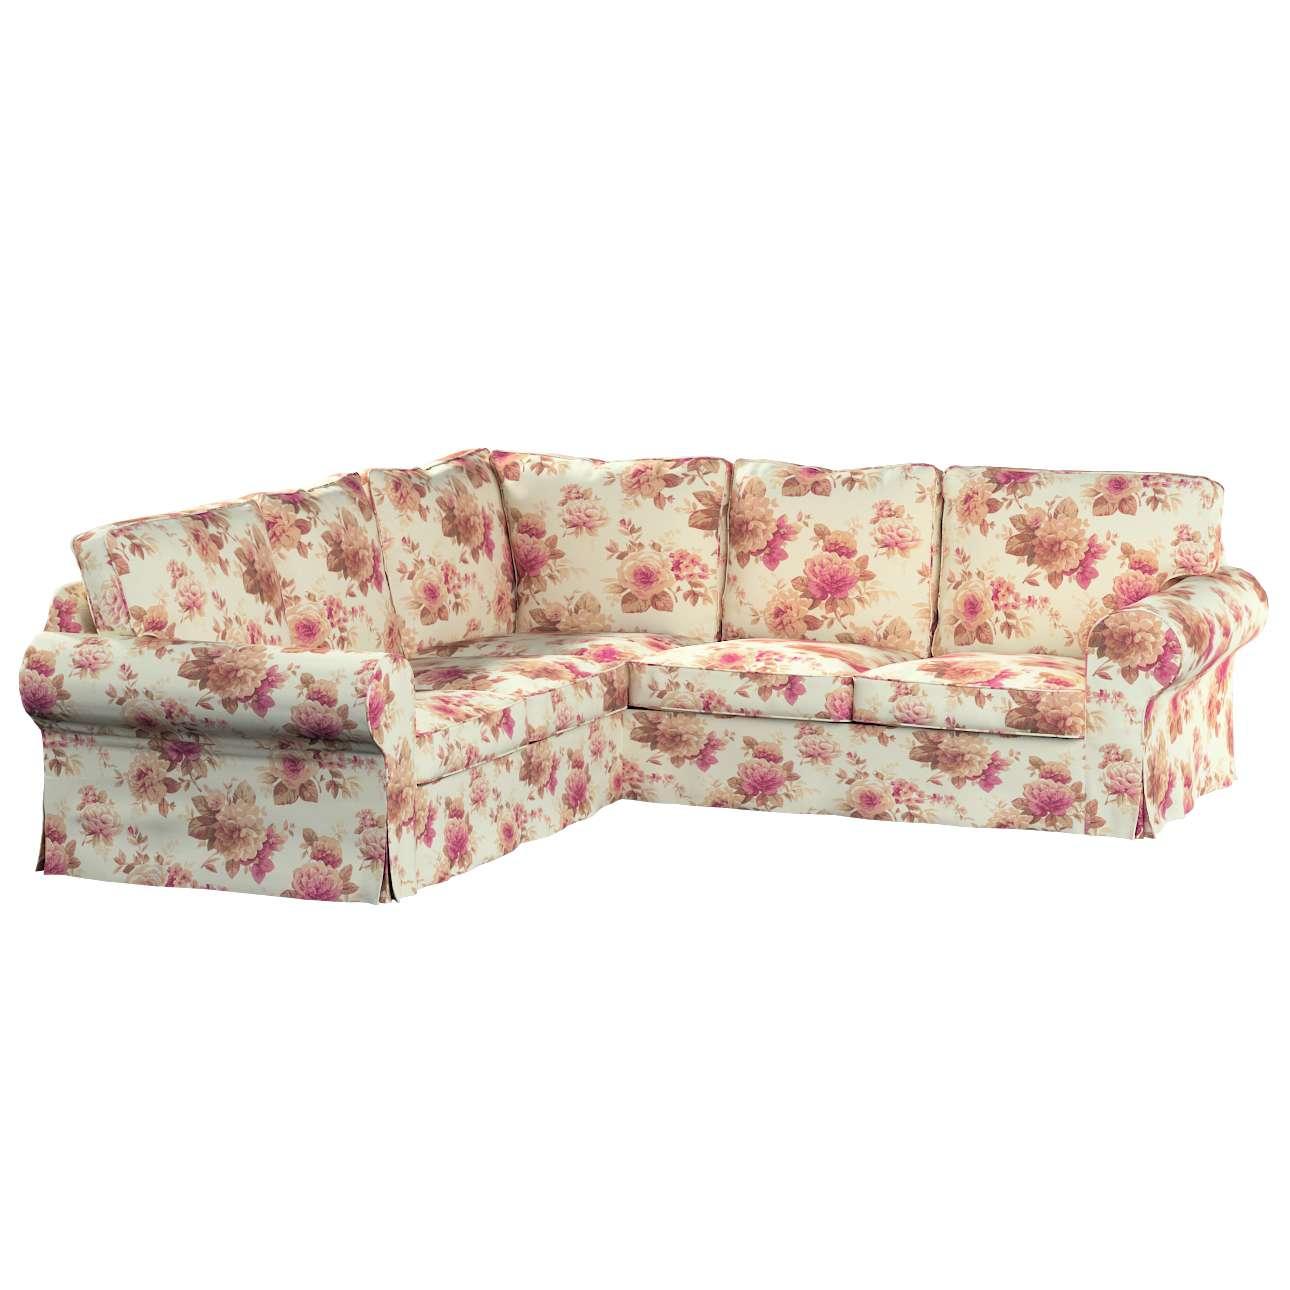 Pokrowiec Ektorp na sofę Sofa Ektorp narożna w kolekcji Mirella, tkanina: 141-06